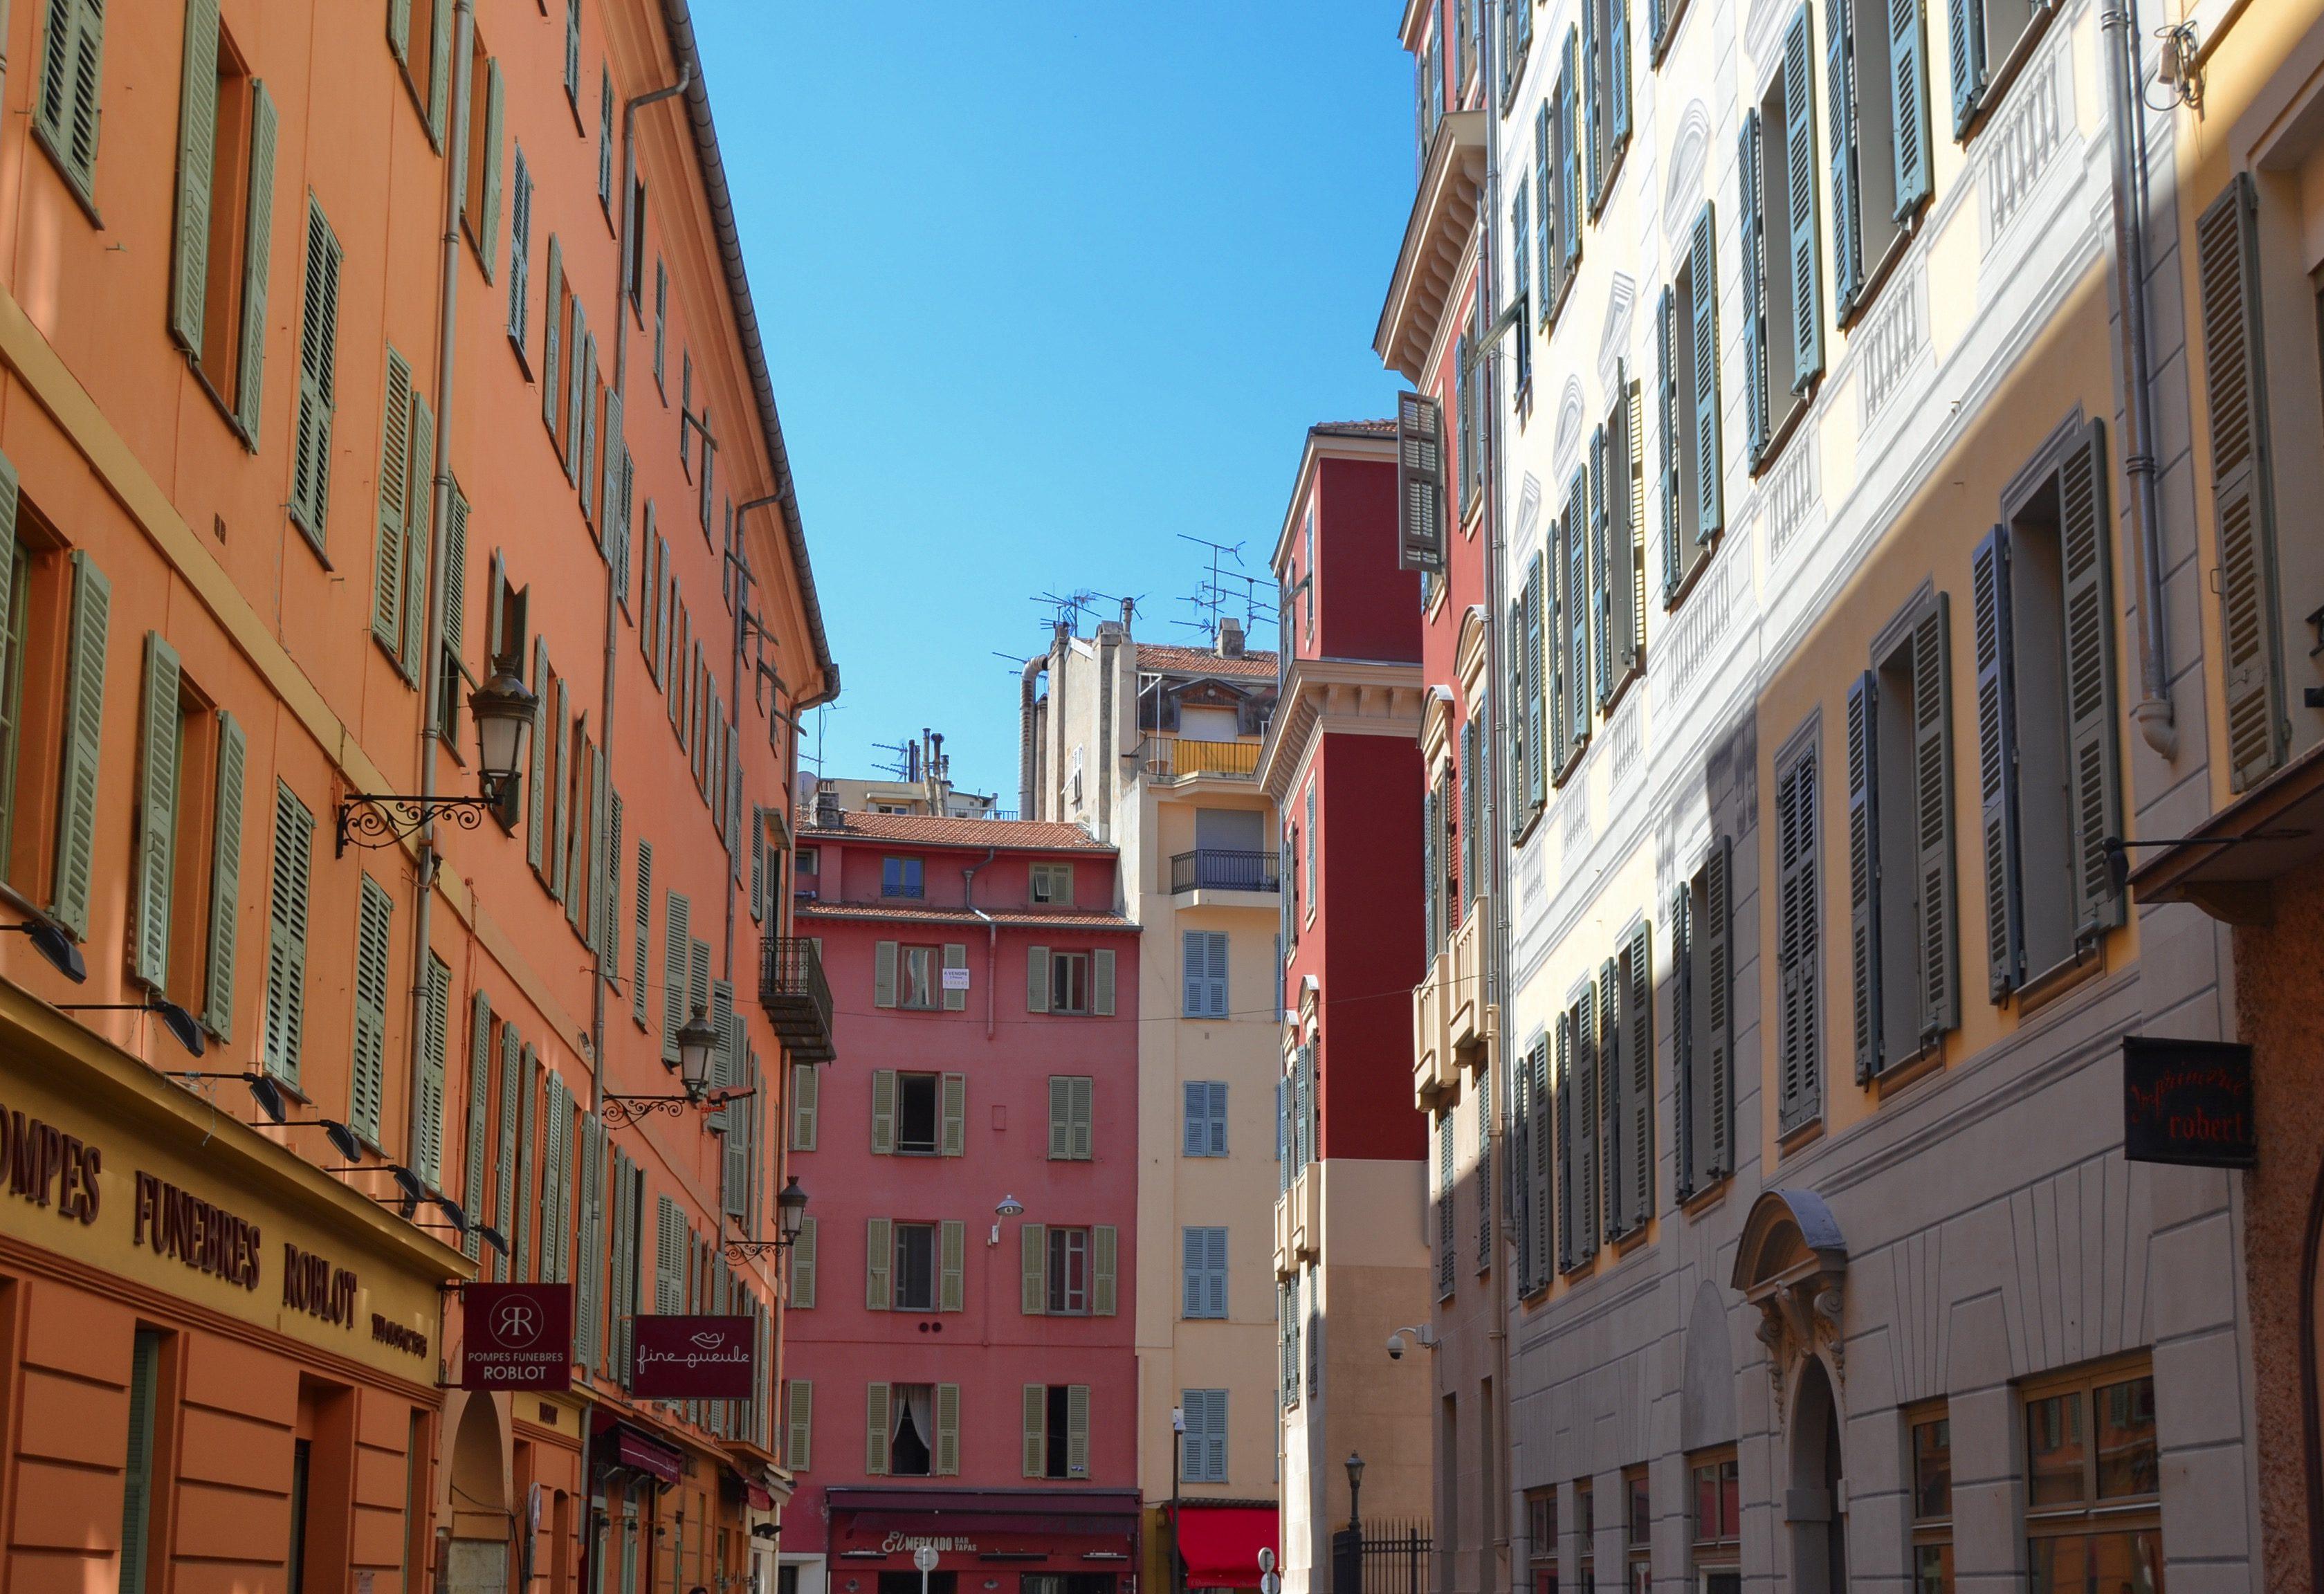 vieux-nice-rue-une-semaine-a-nice-blog-voyage-les-ptits-touristes